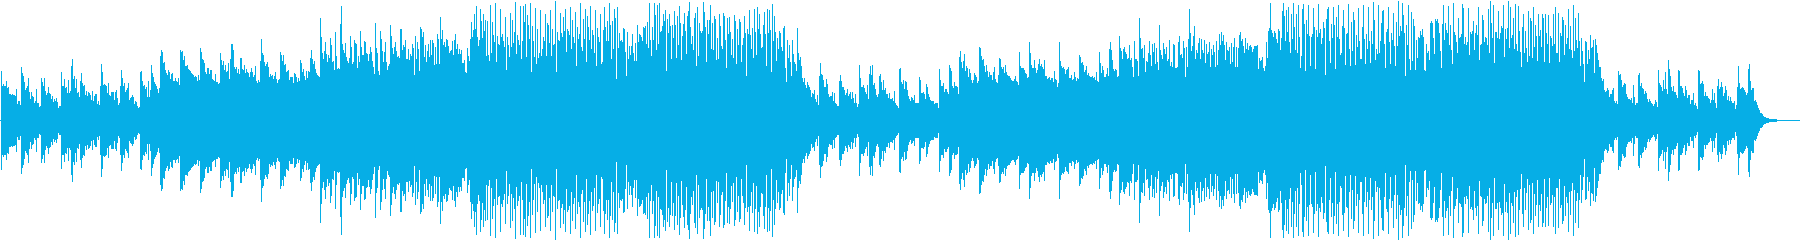 映画のような穏やかで雄大な洋楽EDMの再生済みの波形